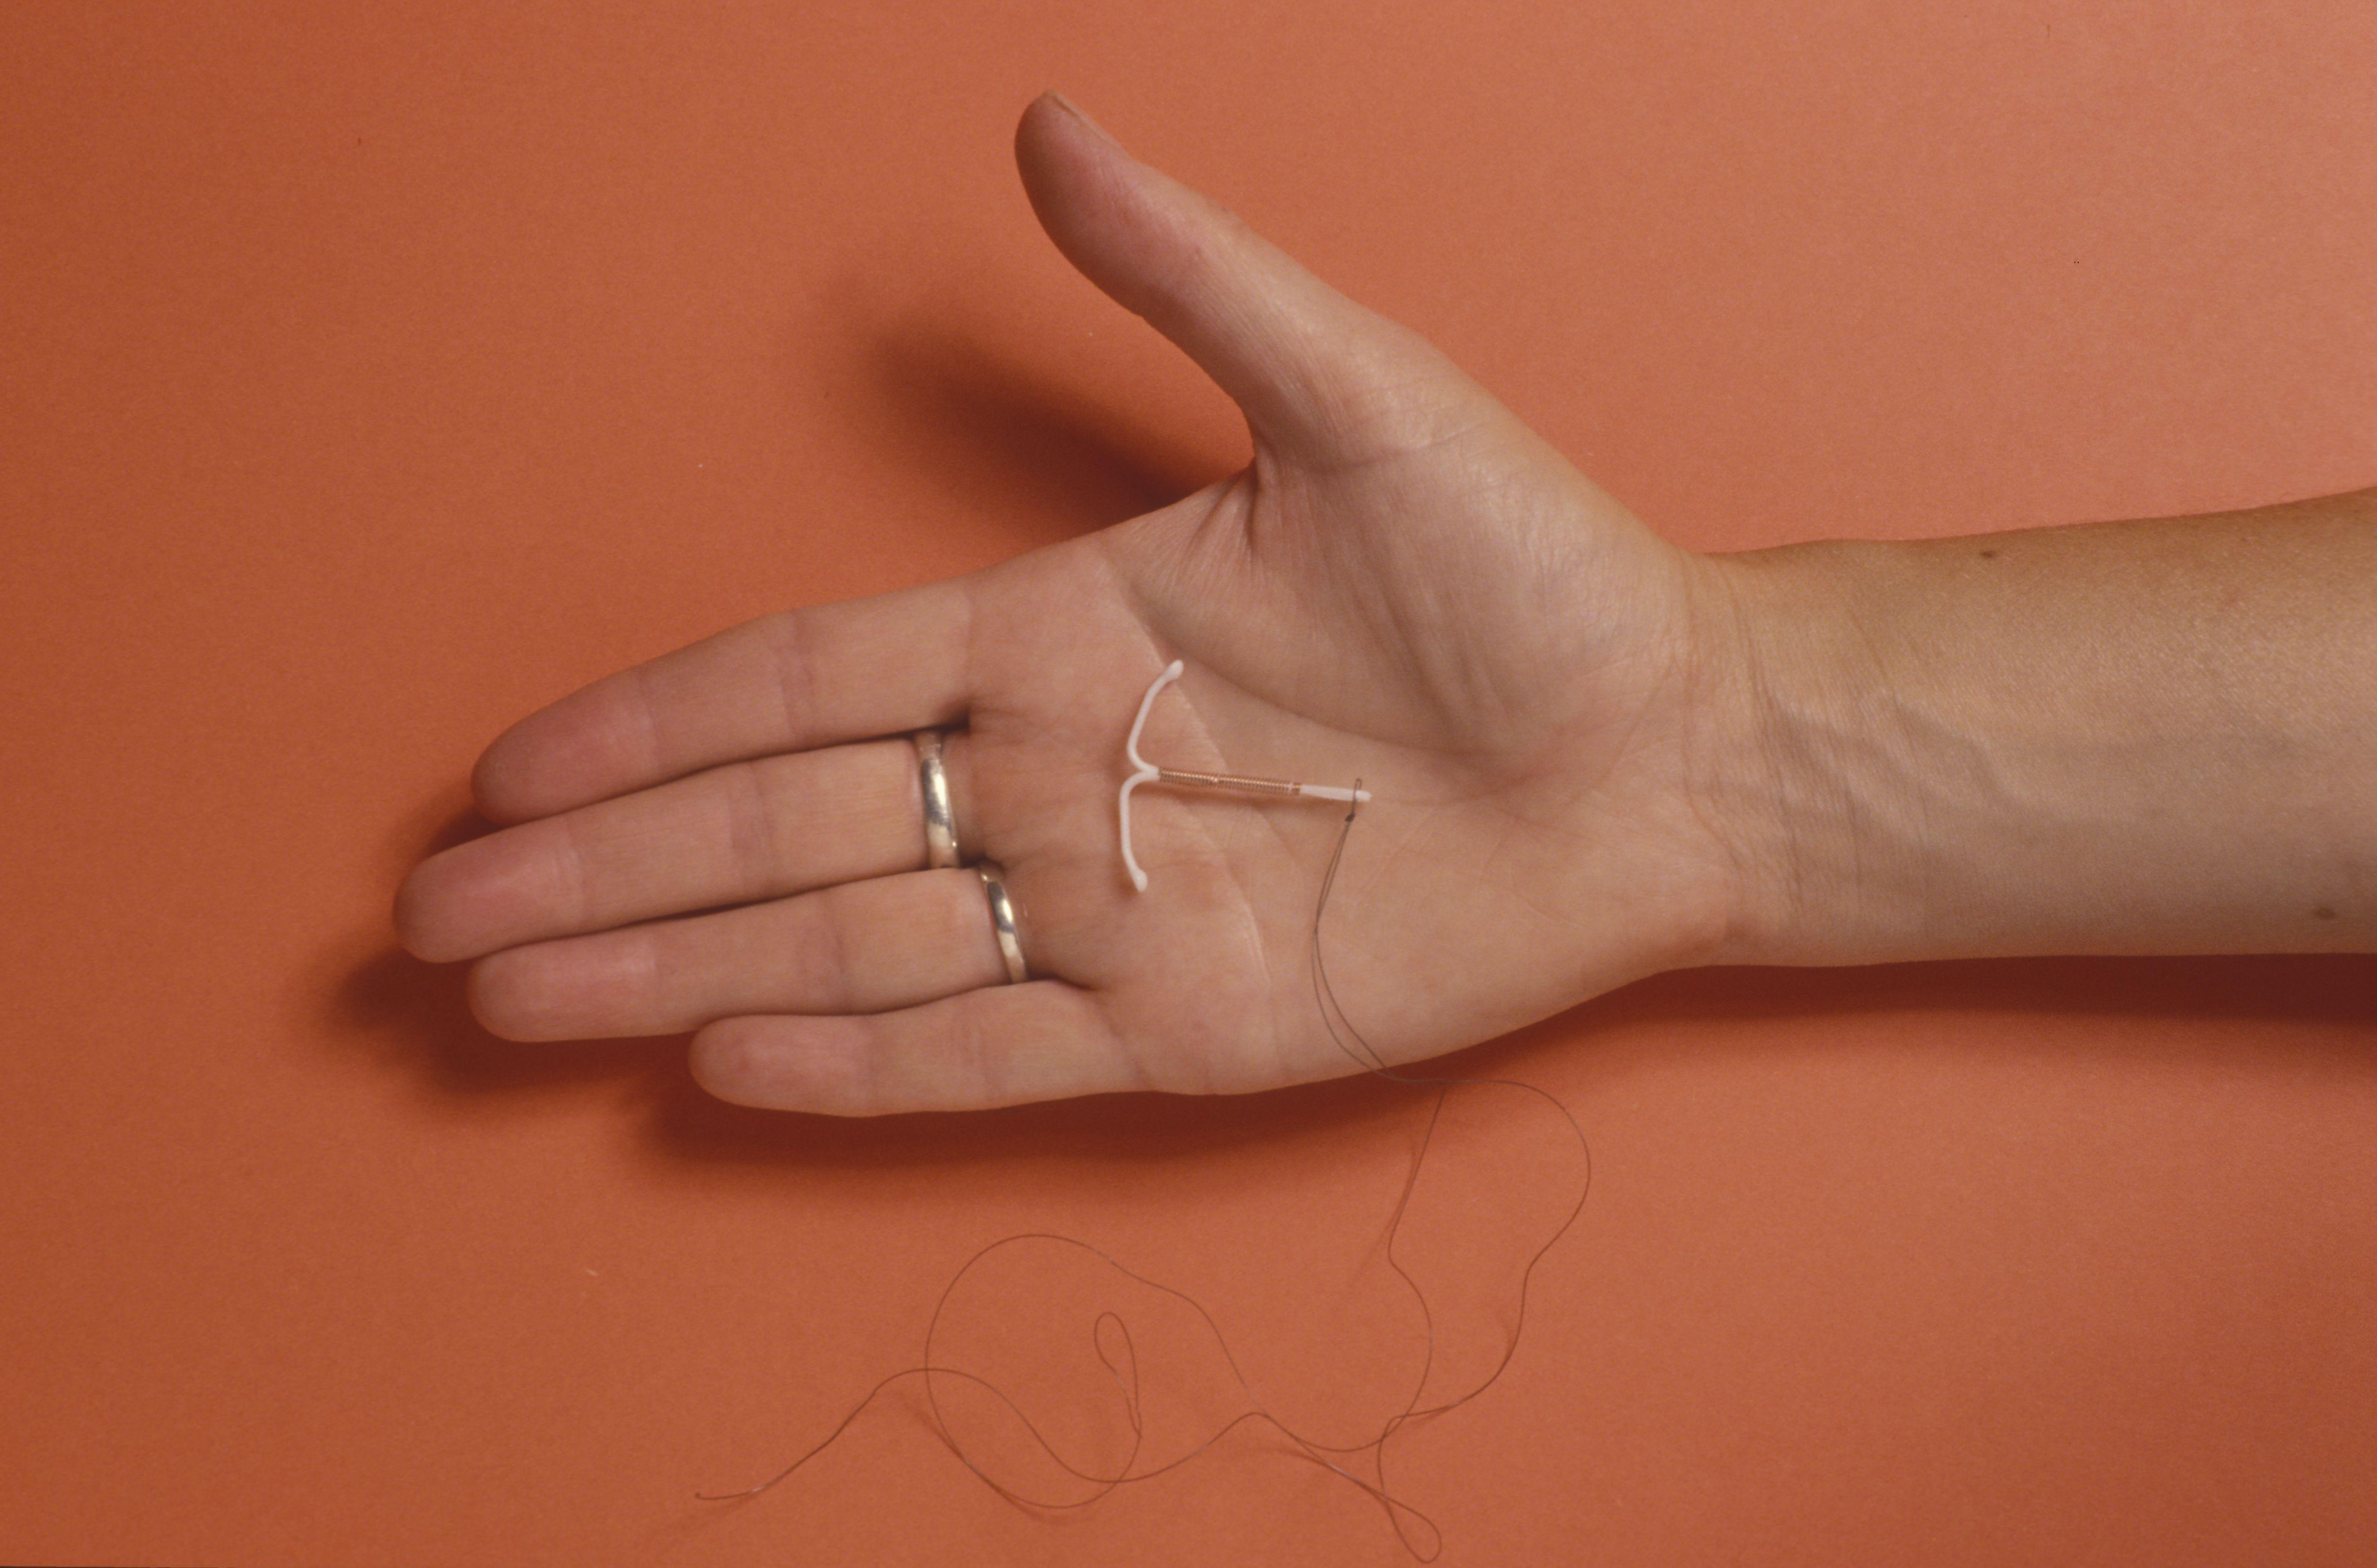 Contraception - coil or IUD, spiral